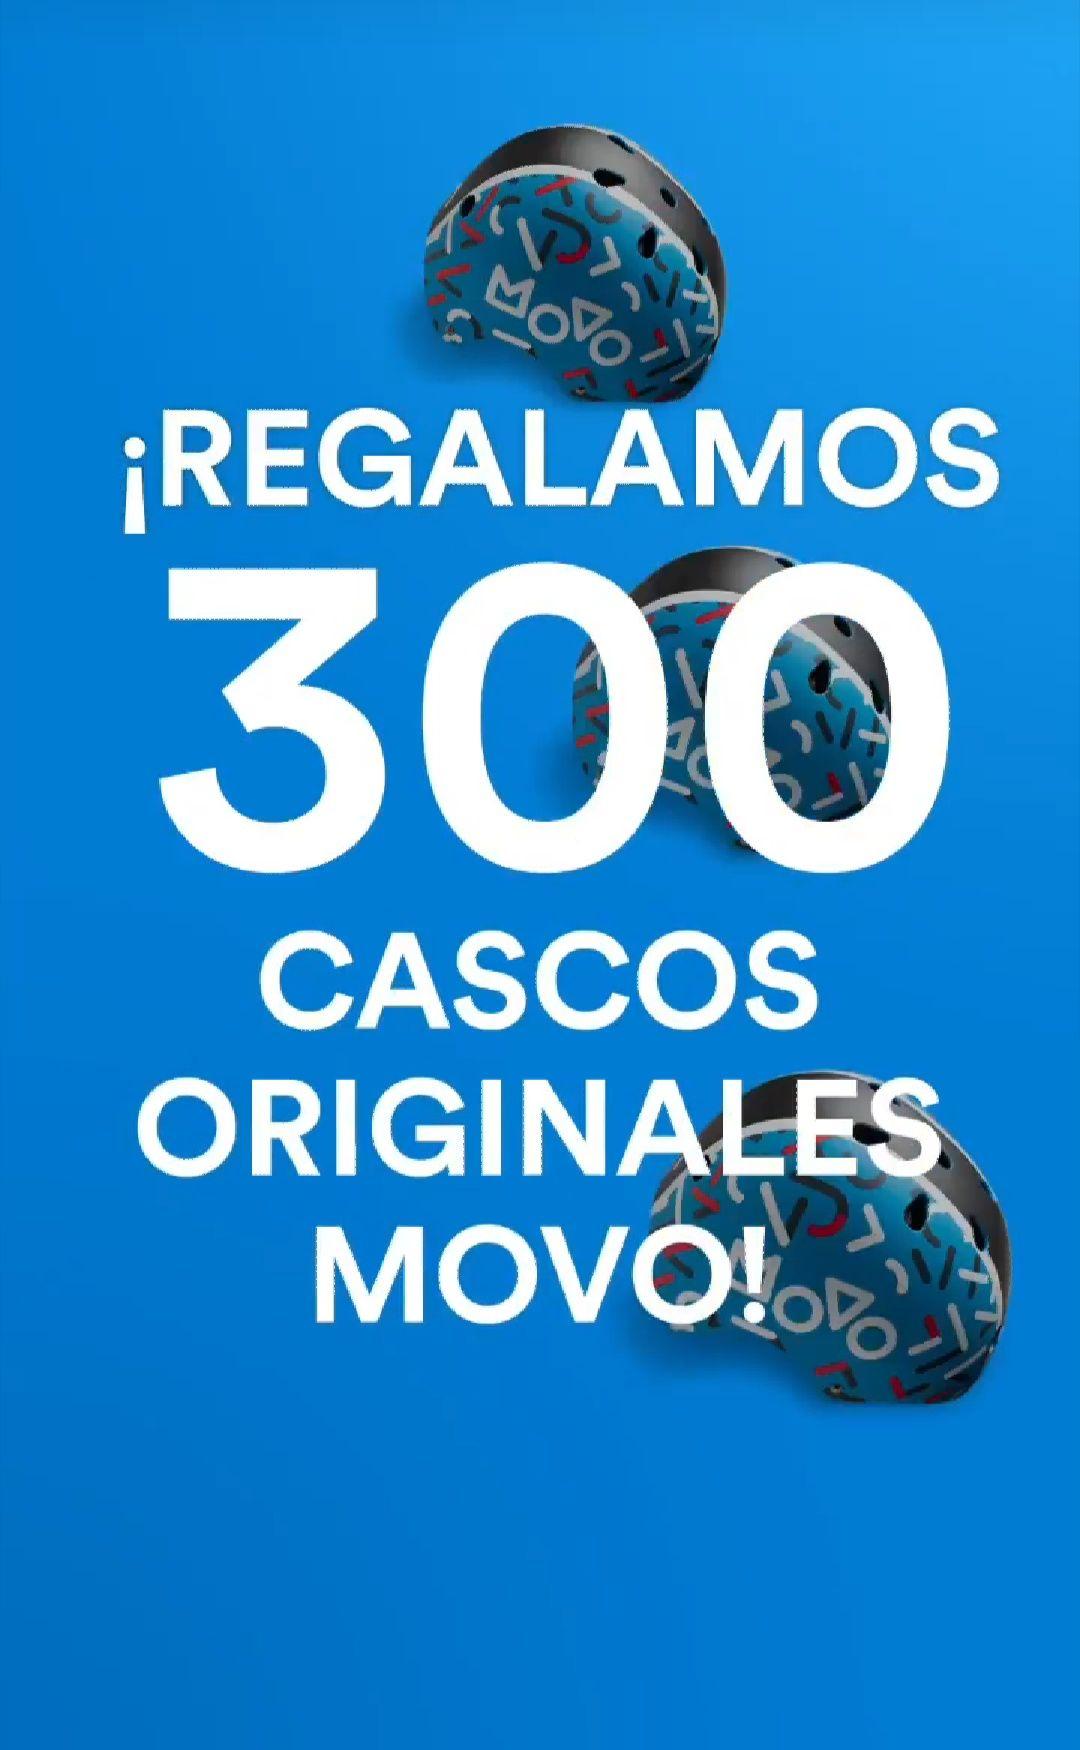 Otros 300 Cascos de Regalo MOVO y 10%